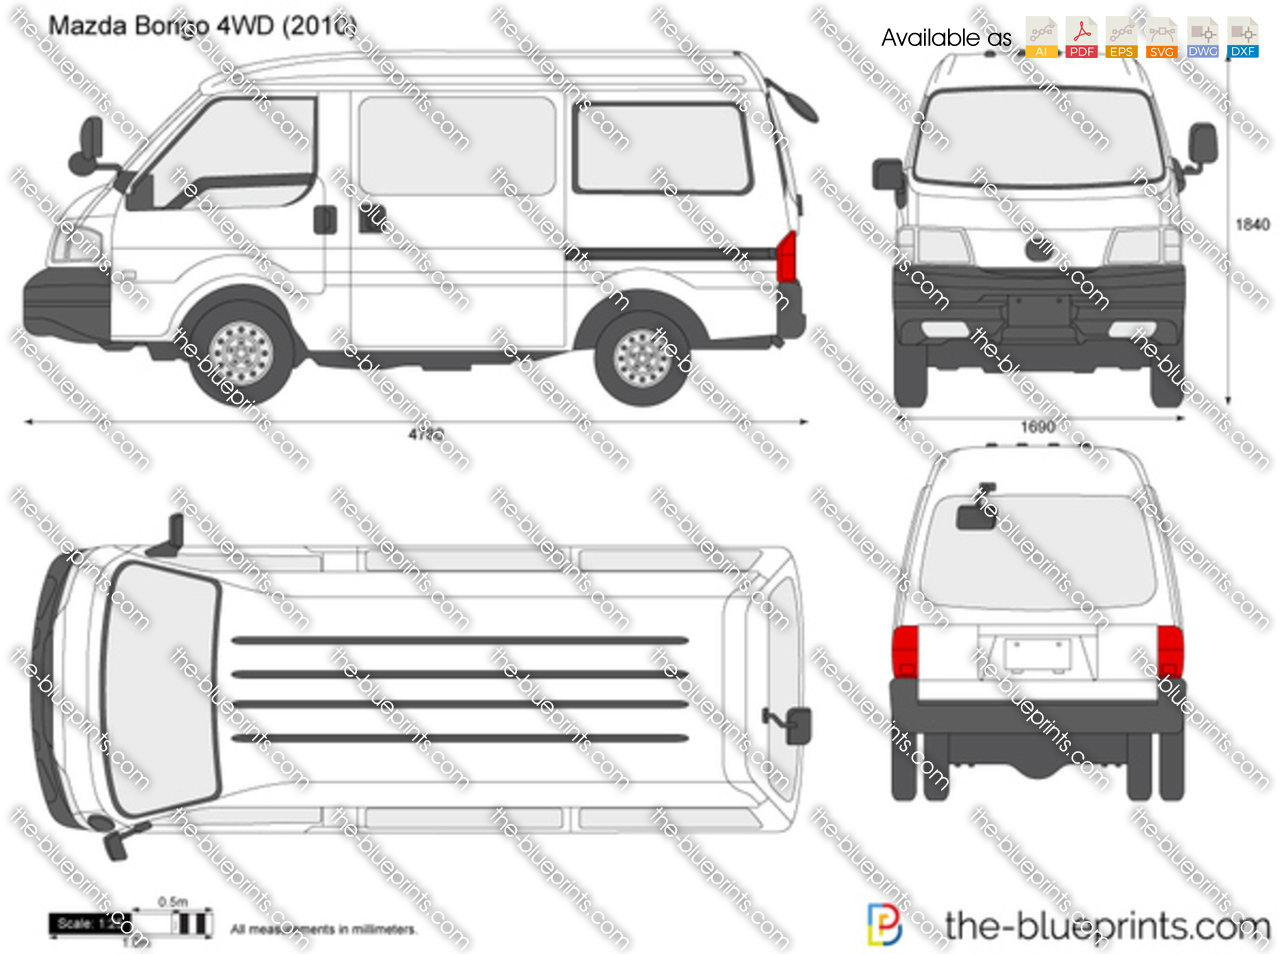 Mazda Bongo 4WD 2017